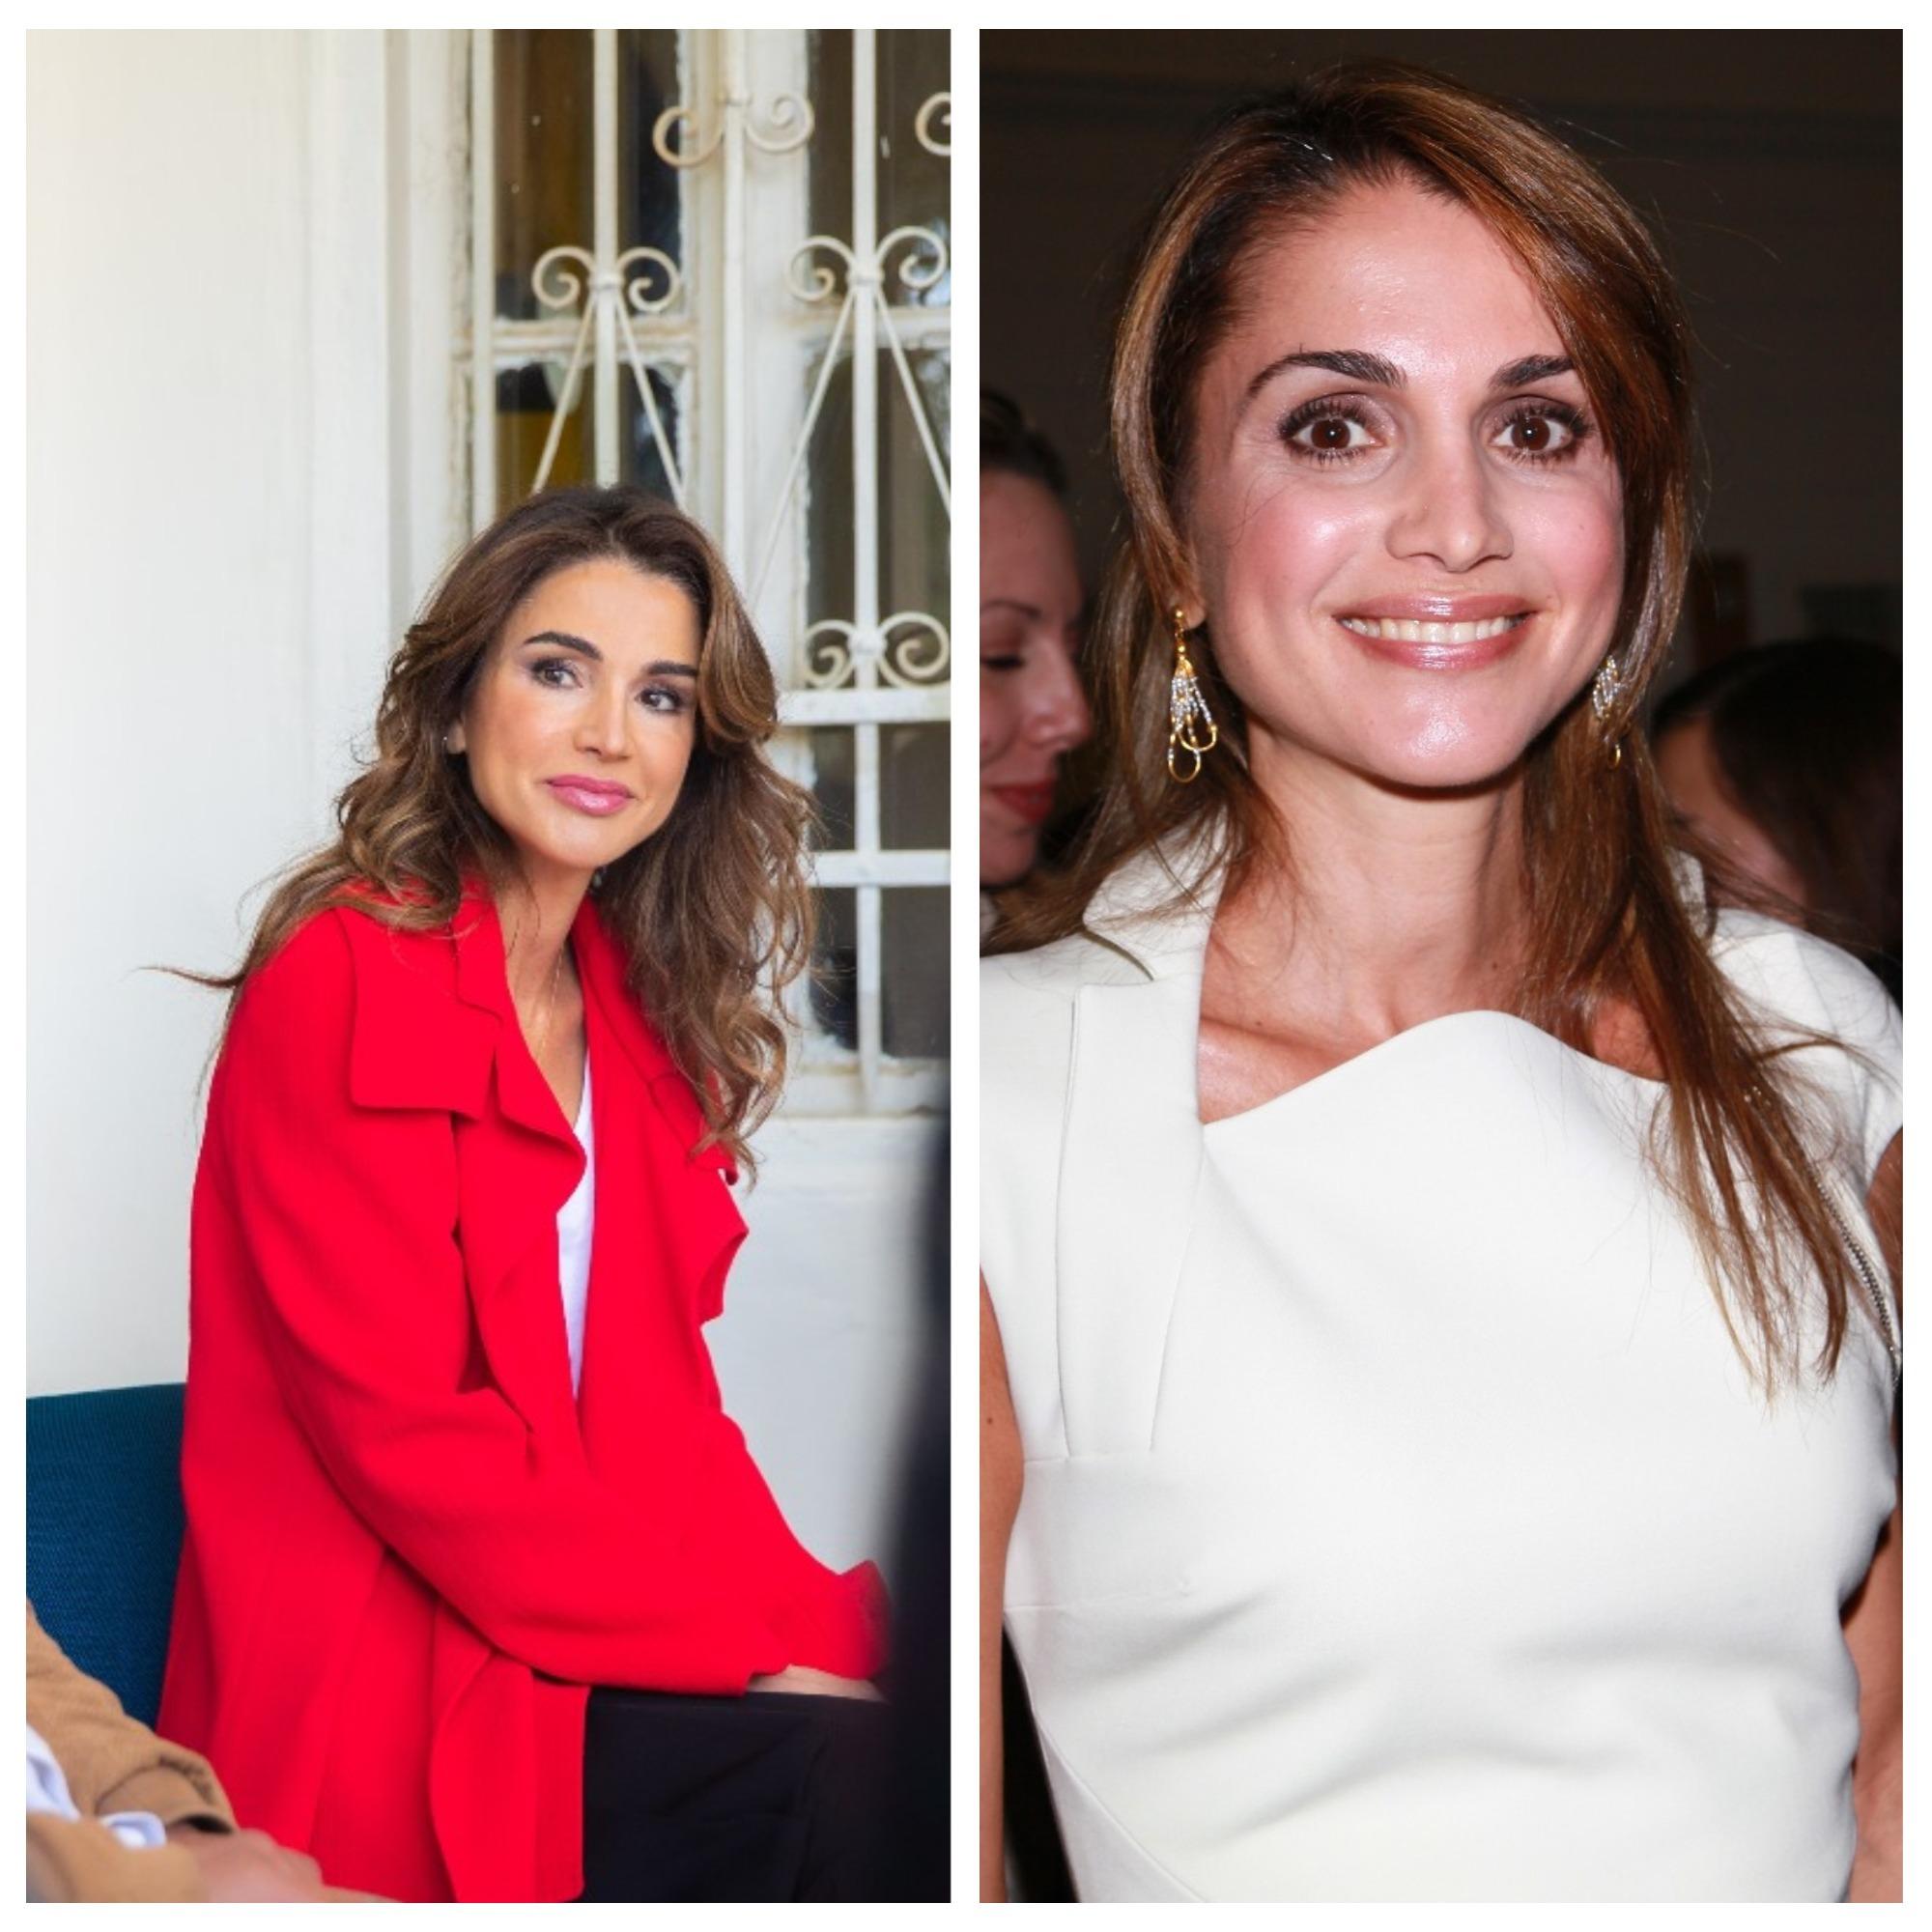 <p><strong>Рания ал-Абдула</strong></p>  <p>Кралицата на Йорданияе родена през 1970 година в Кувейт.</p>  <p>Наследява короната през 1999 година, благодарение на крал &nbsp;Абдула II бин ал-Хусейн, за който се омъжва през 1993 година.</p>  <p>Обявена е и за почетен полковник на йорданската армия.</p>